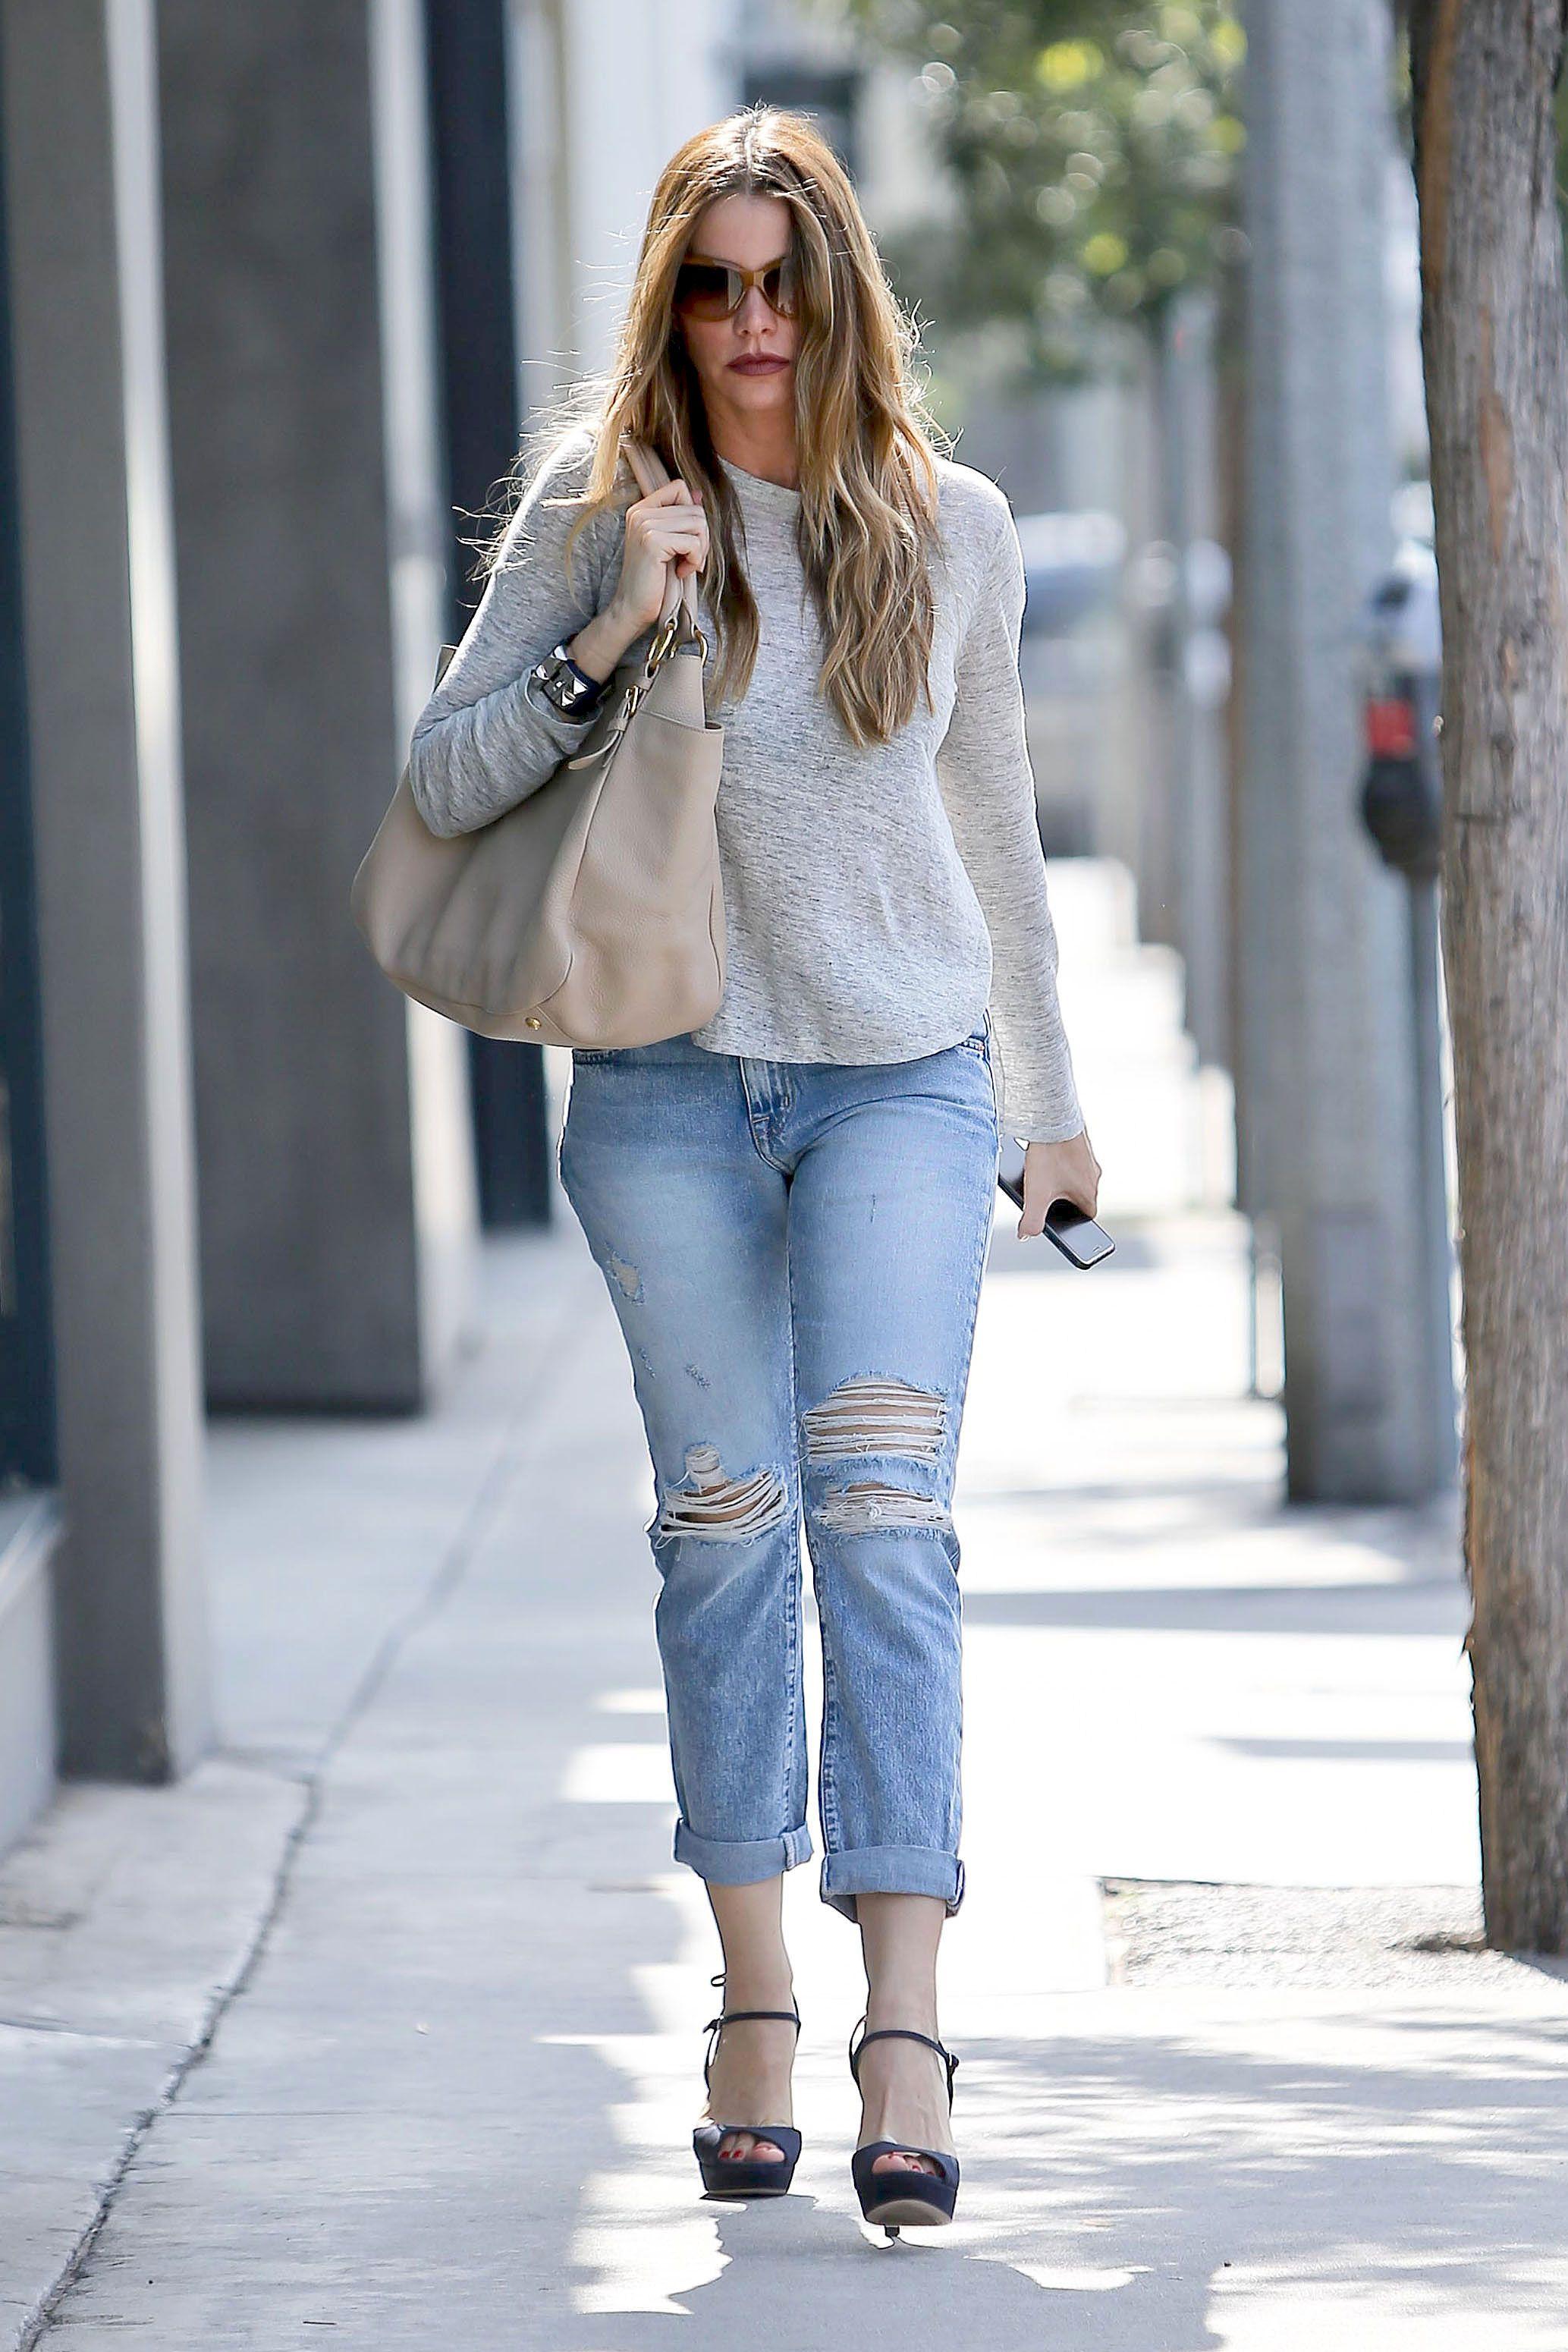 Celebrities Wearing Things! (con imágenes) Moda estilo